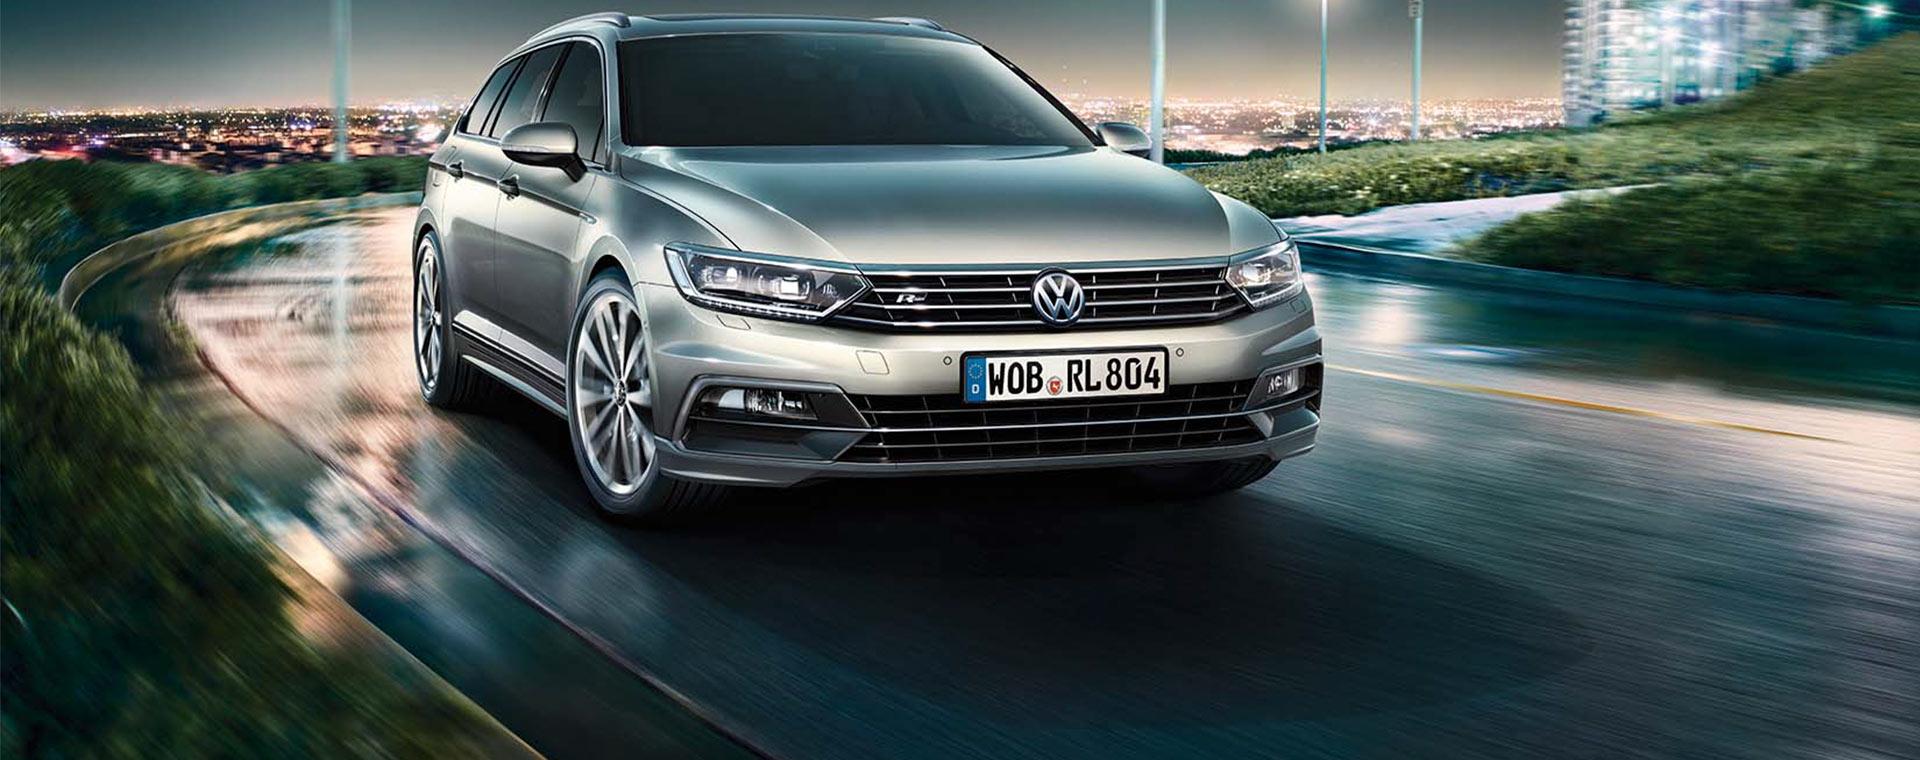 Headerbild-VW-Passat